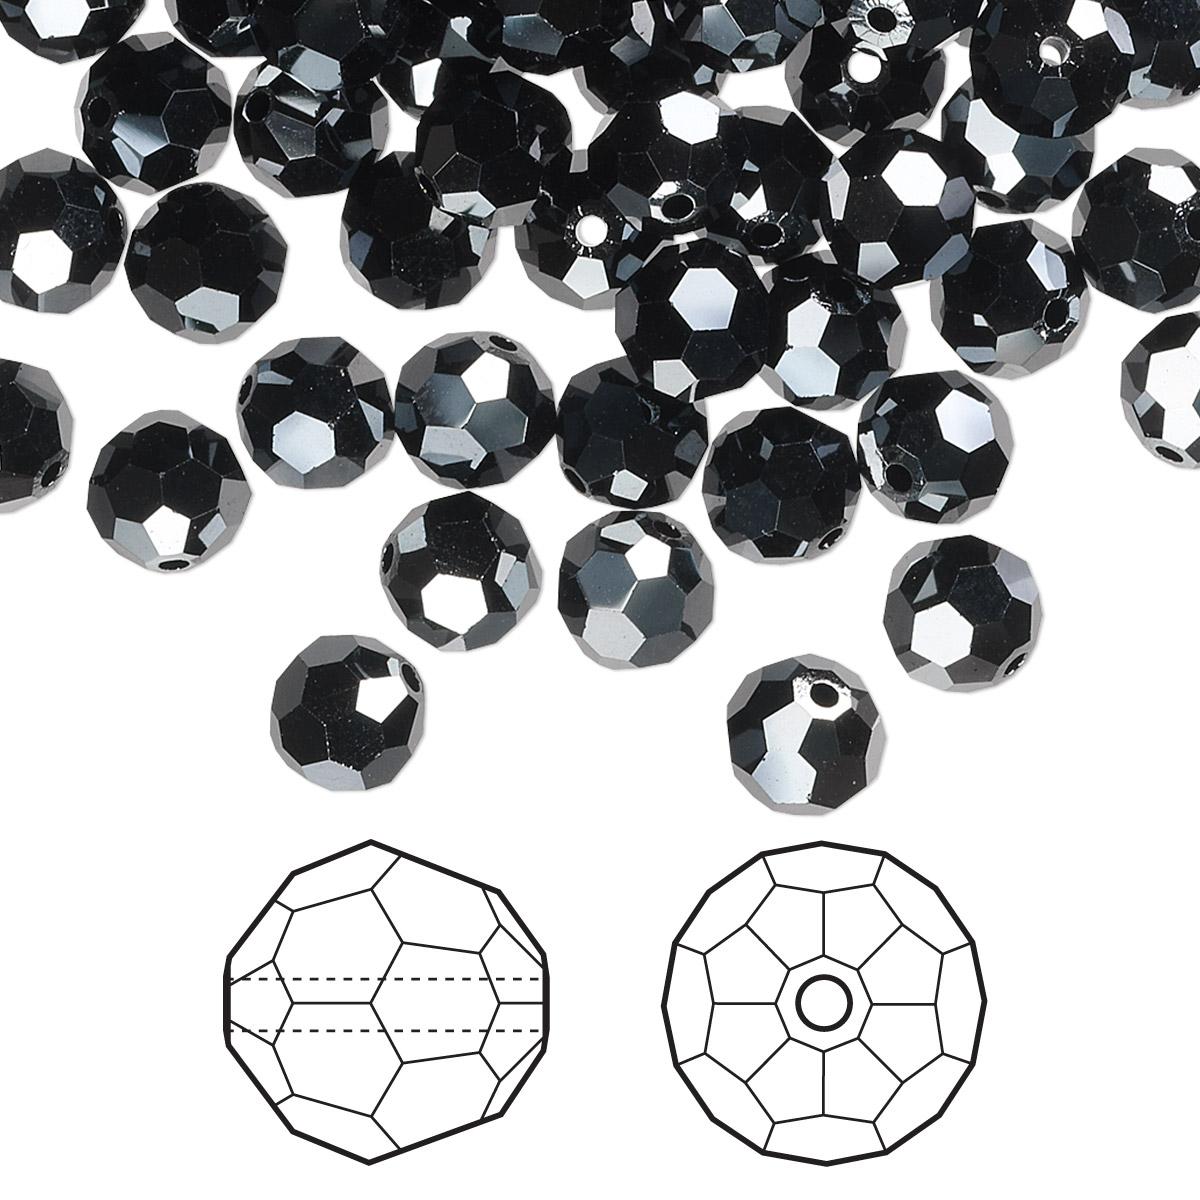 ba41c798cf2f8 Bead, Swarovski® crystals, jet hematite 2X, 6mm faceted round (5000 ...